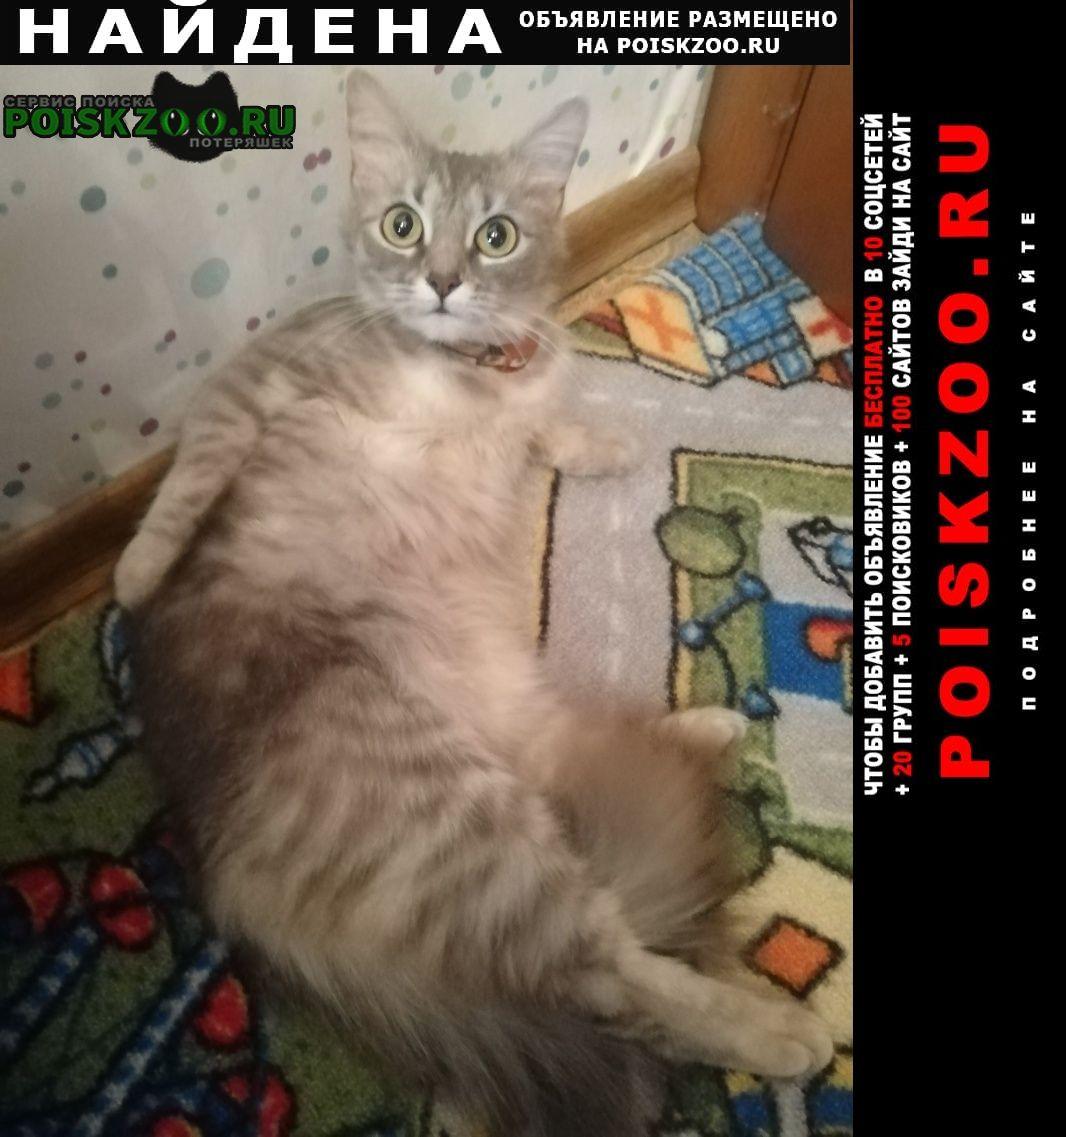 Найдена кошка девочка, алтуфьевское шоссе 13 Москва